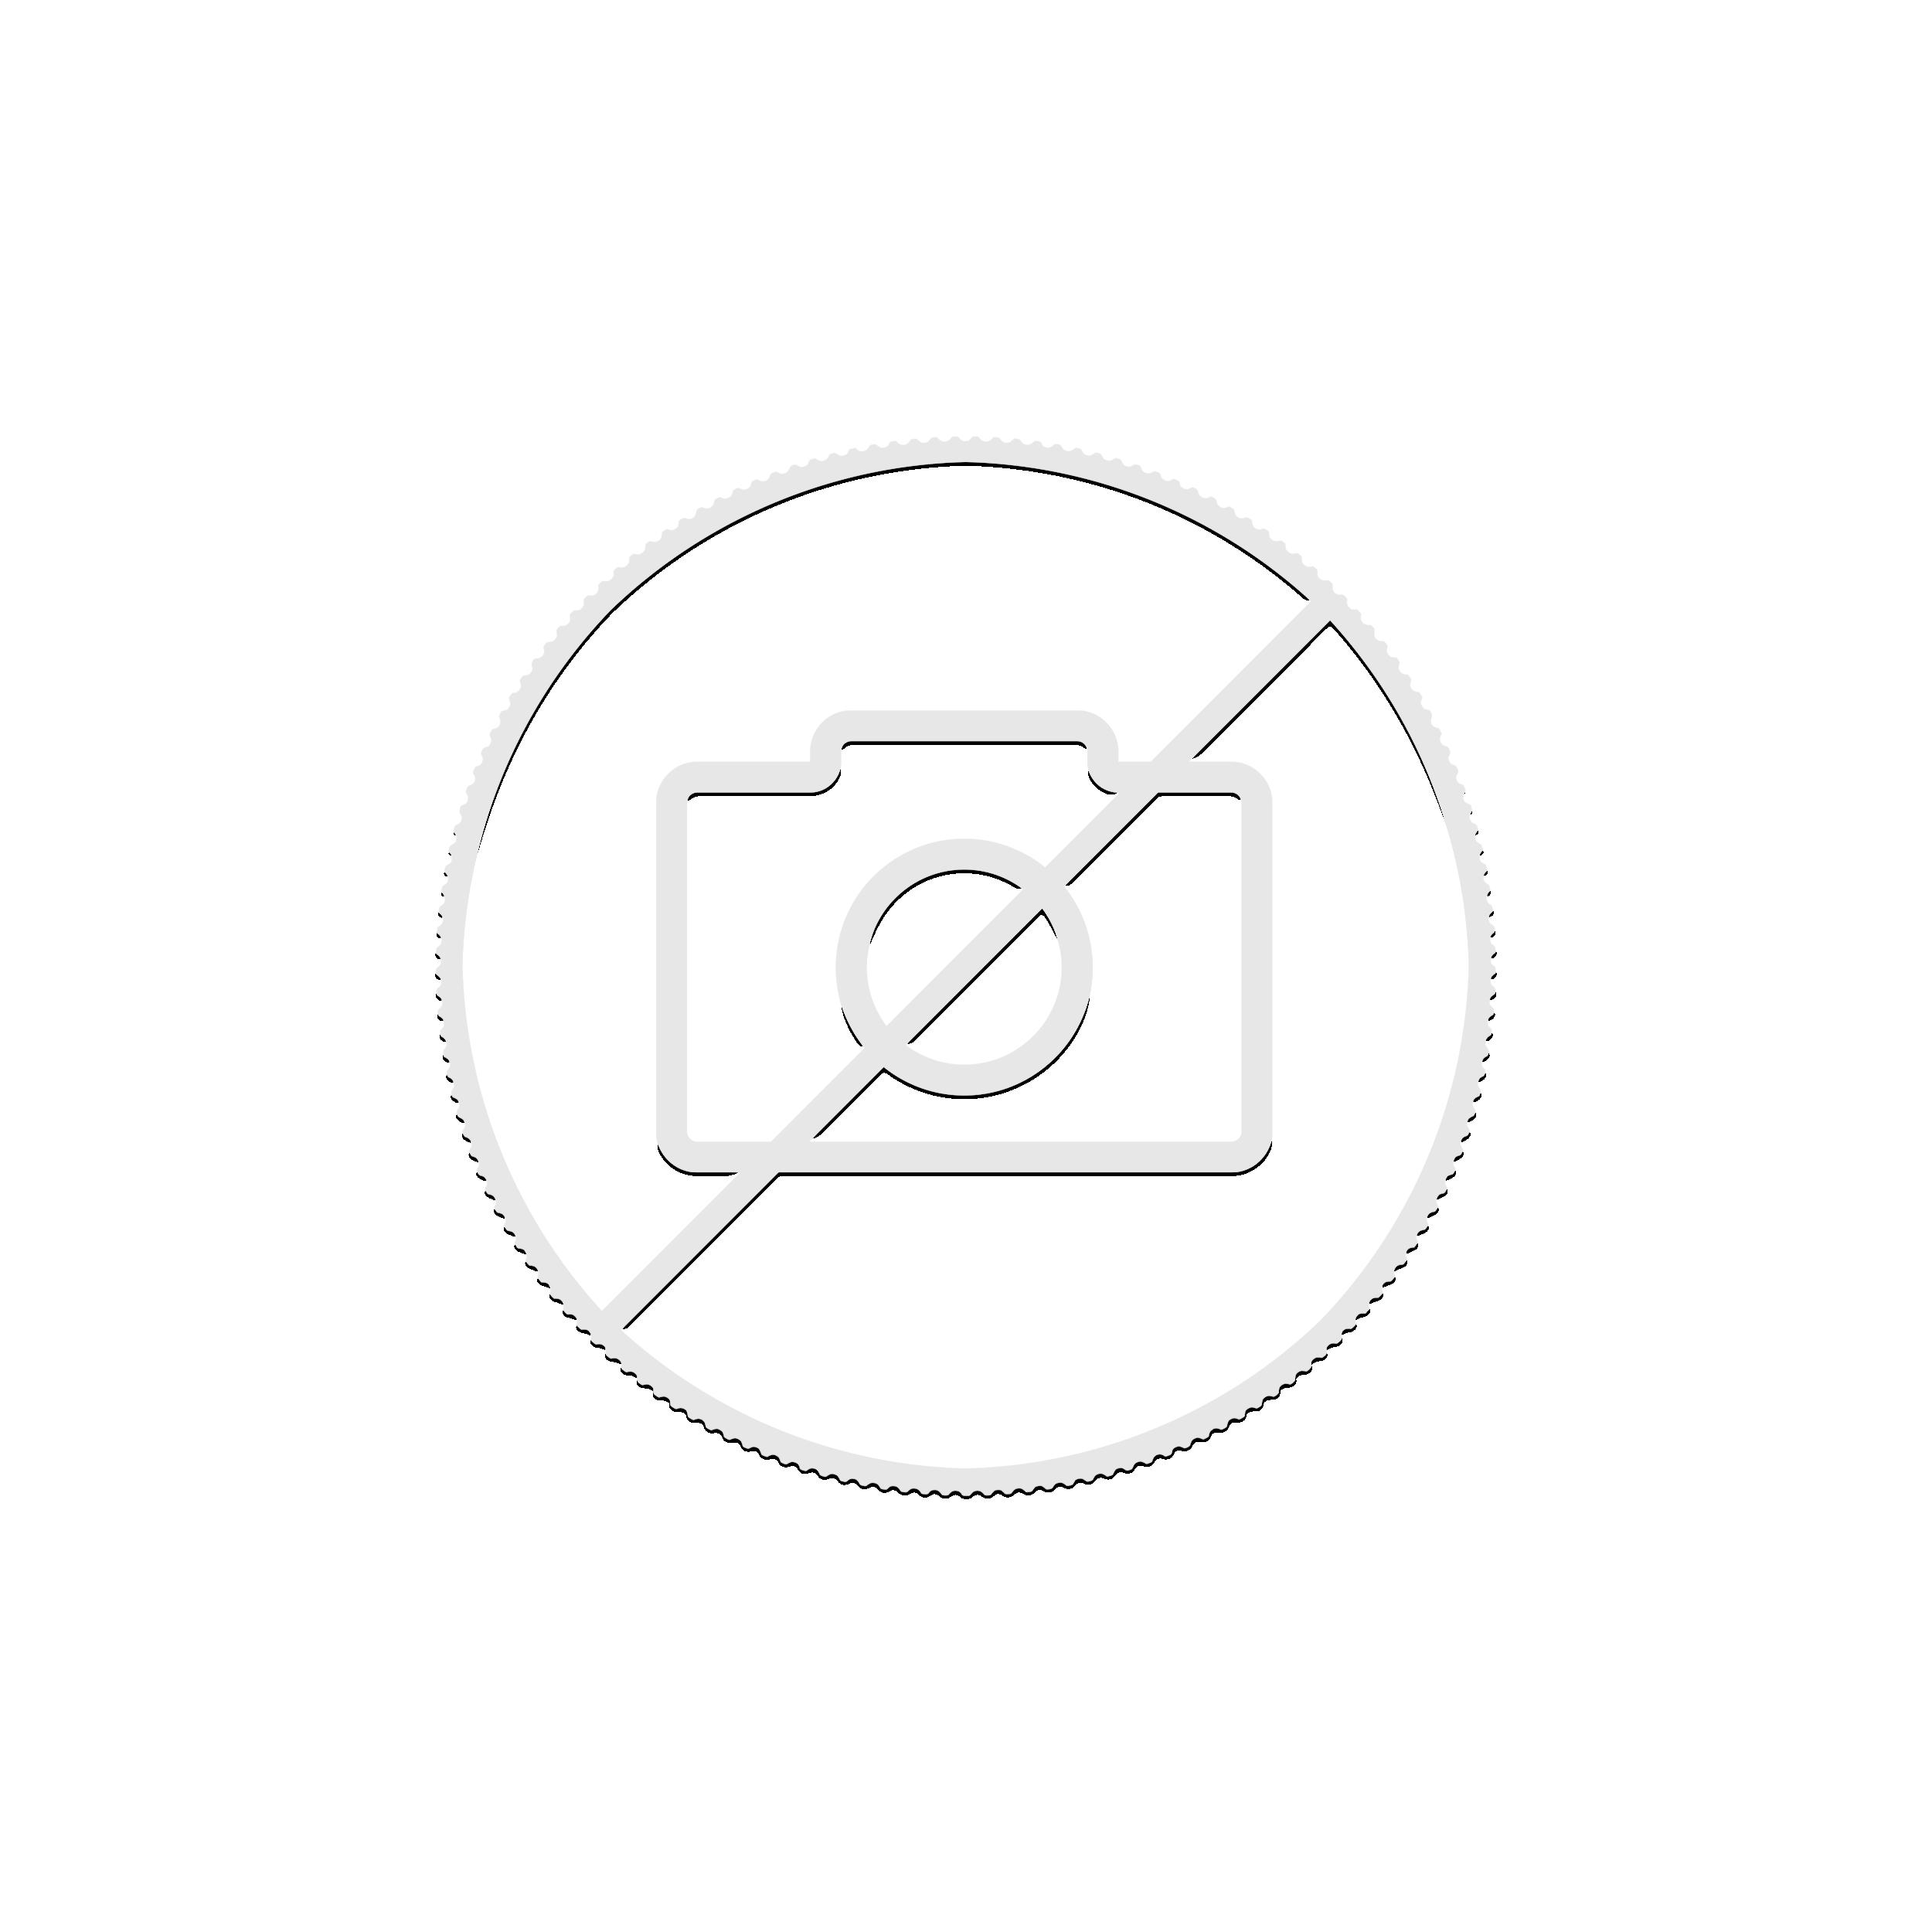 prepshop.nl